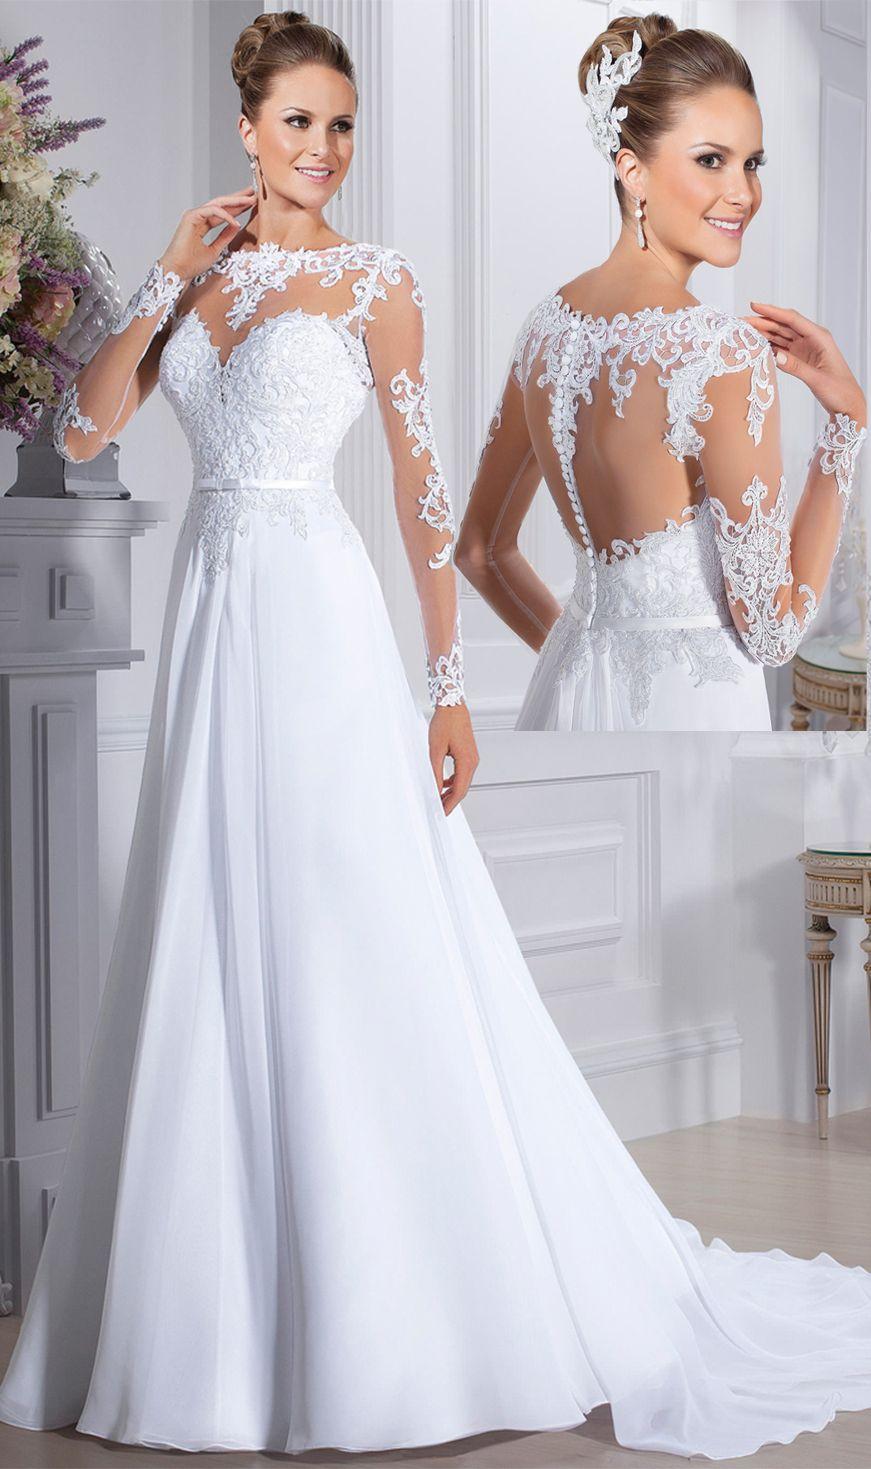 2018 eine Linie Scoop Brautkleider mit langen Ärmeln Chiffon mit Applique #ALine #S …